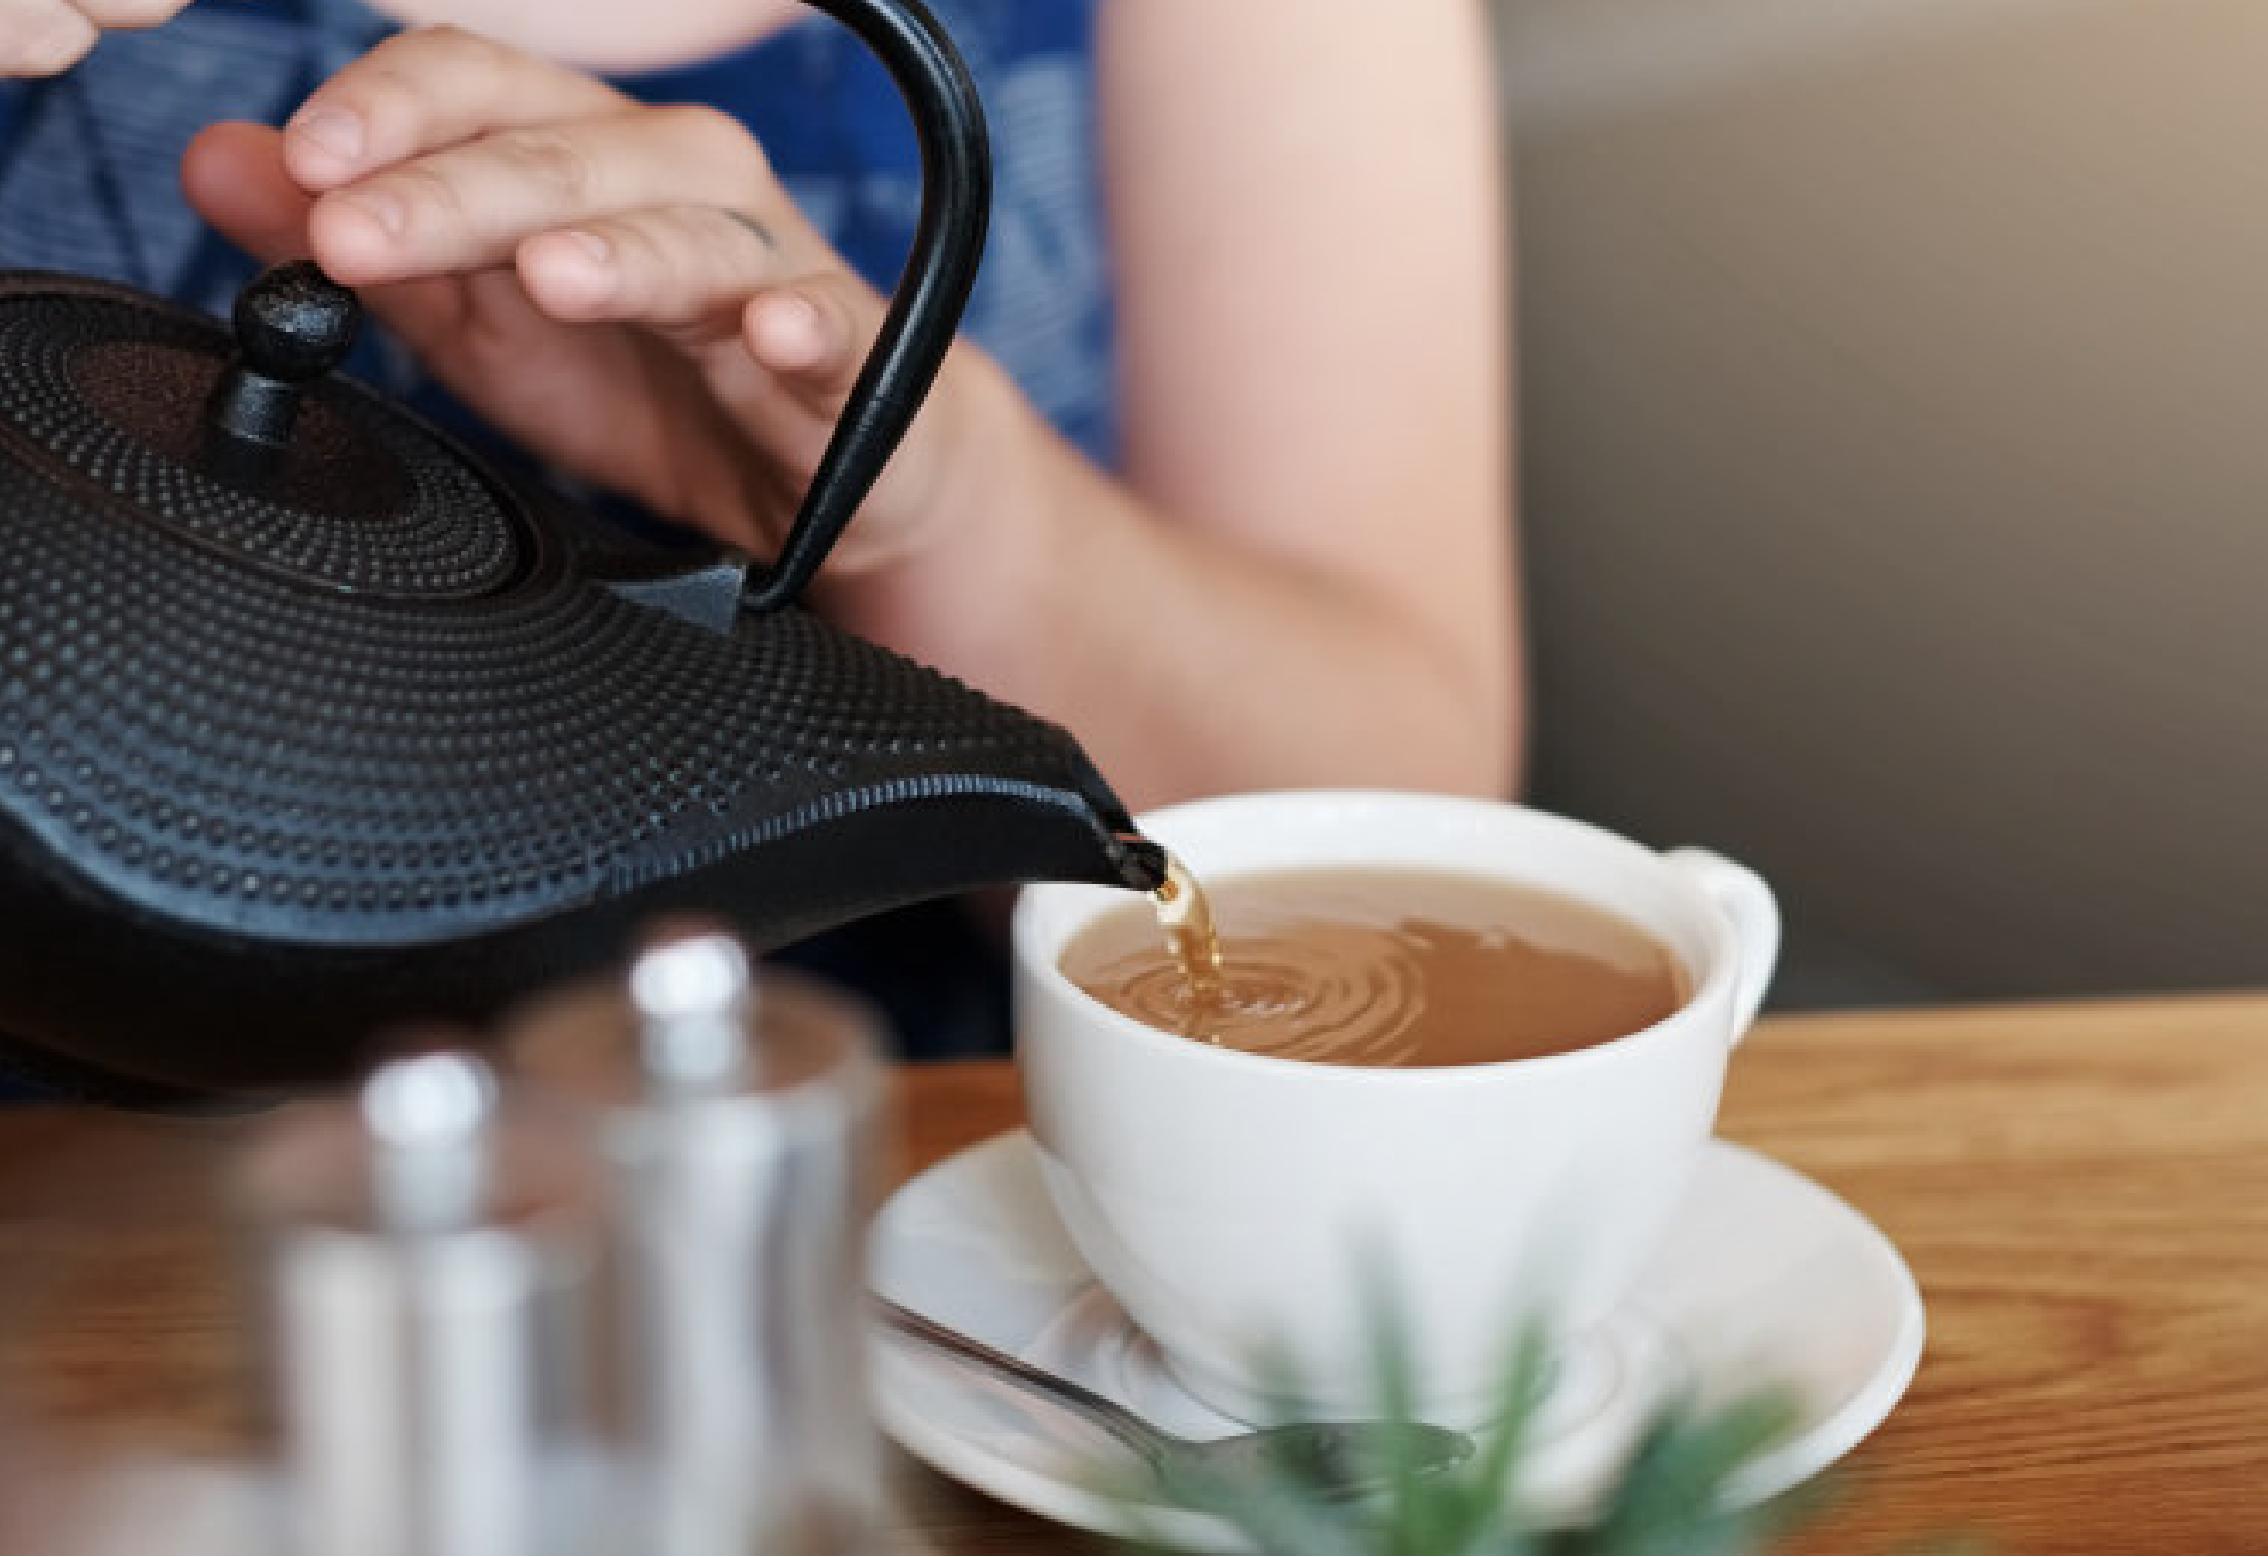 【 尿酸高喝什么茶降尿酸】_如何喝茶_注意事项-大众养生网